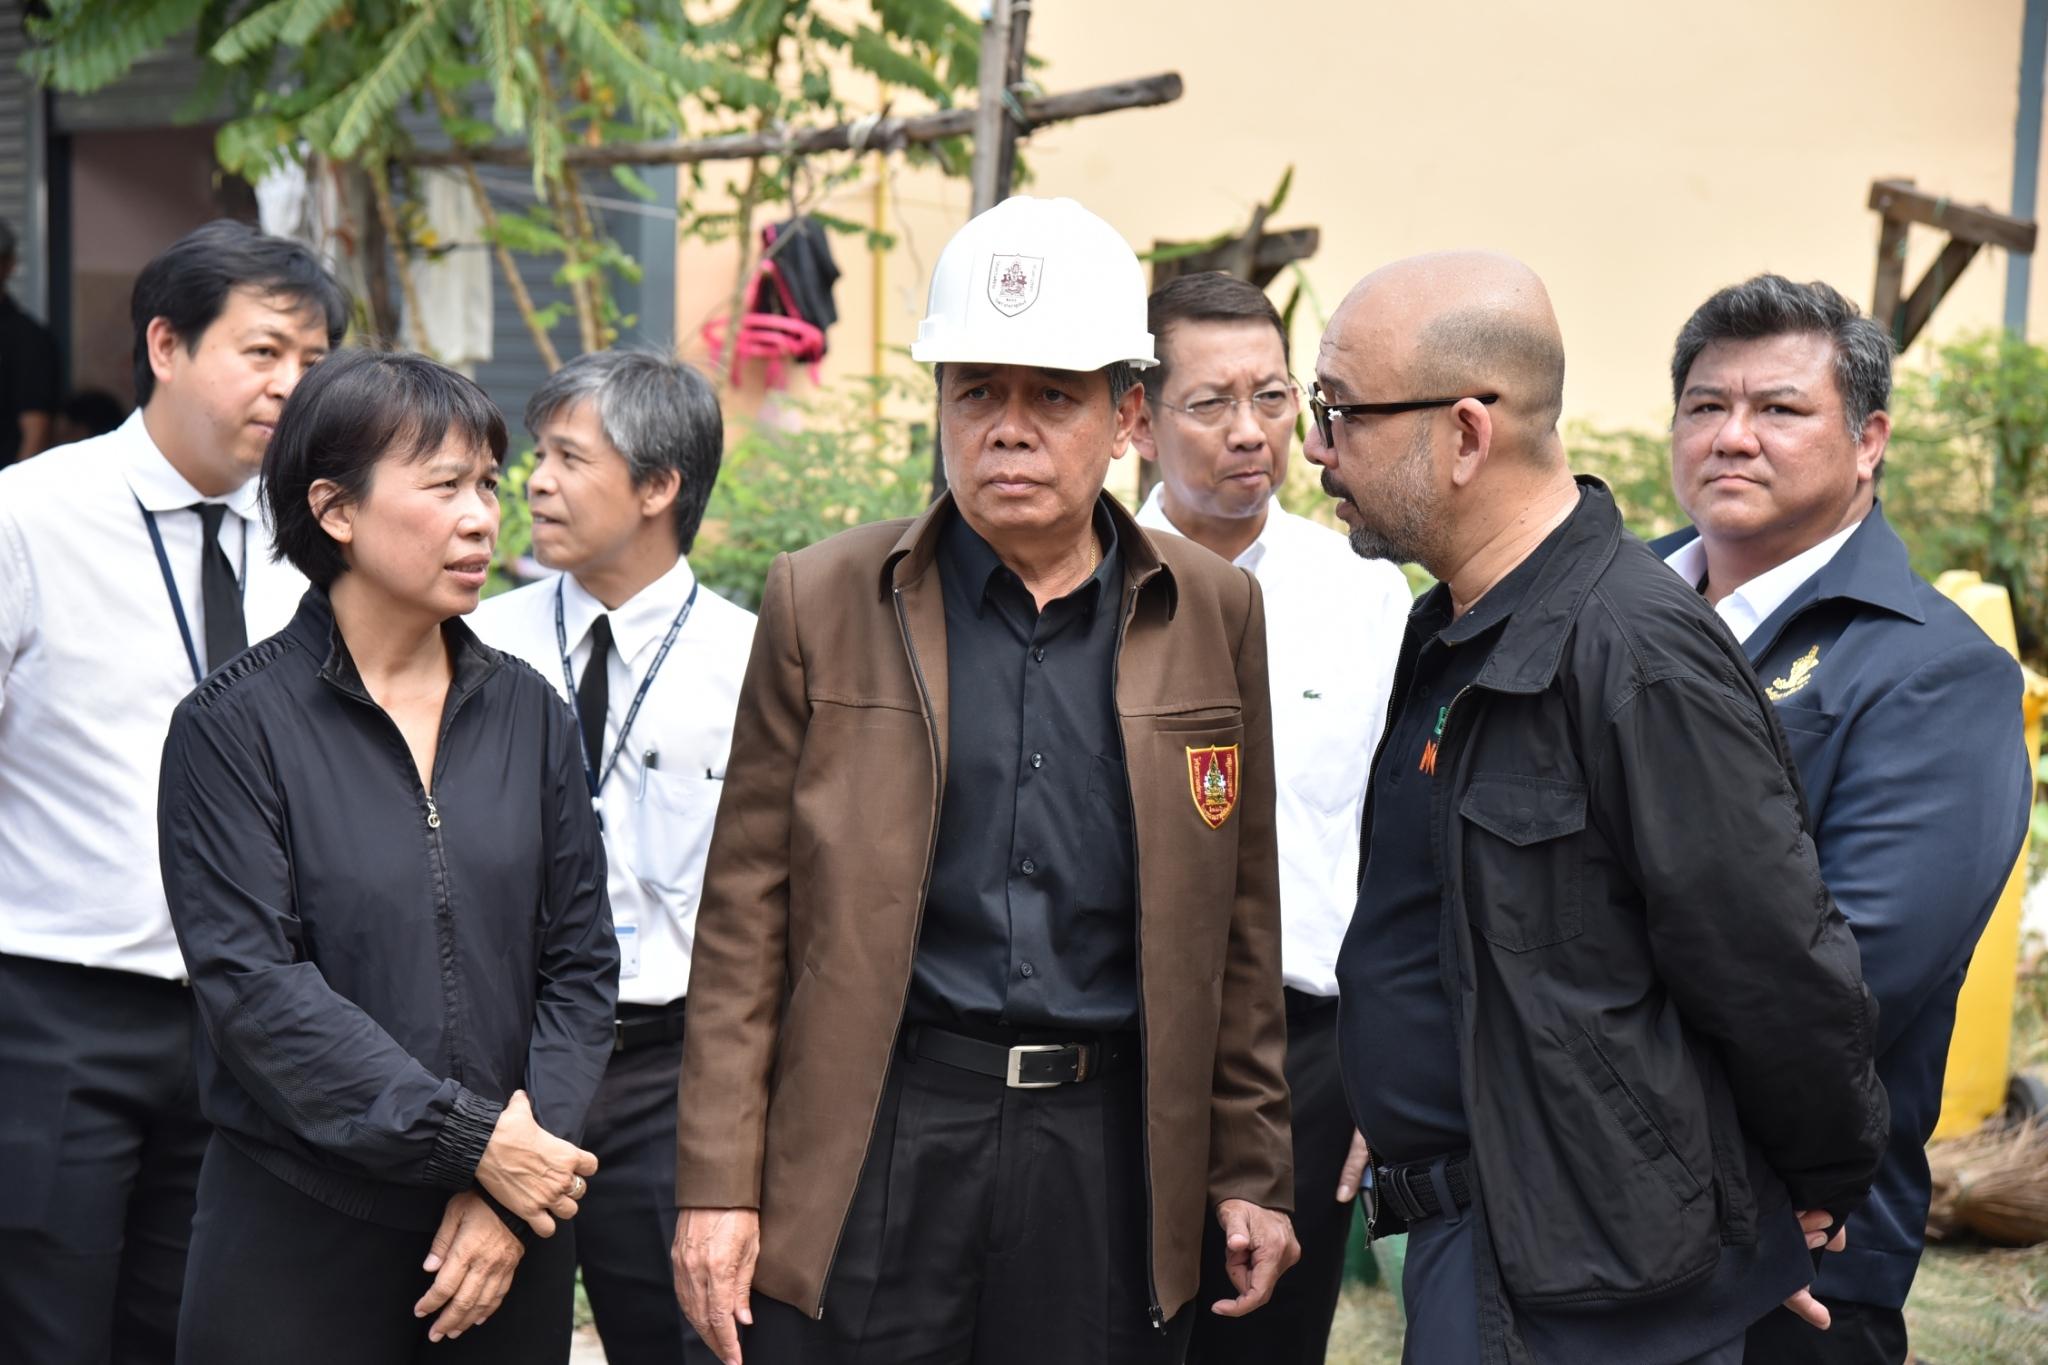 วิศวกรรมสถานแห่งประเทศไทย ในพระบรมราชูปถัมภ์  ลงพื้นที่ตรวจสอบเหตุอาคารทรุด ซอยรามคำแหง 39